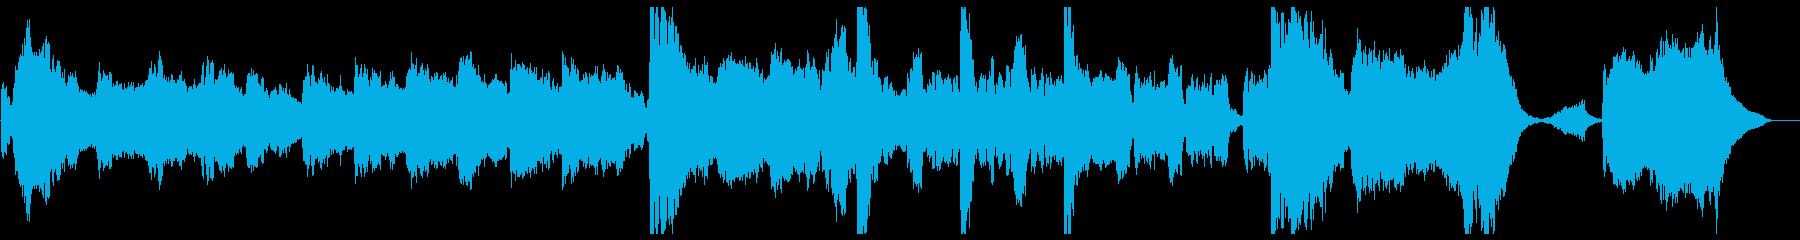 壮大な映画音楽的テーマ曲_ストリングスの再生済みの波形